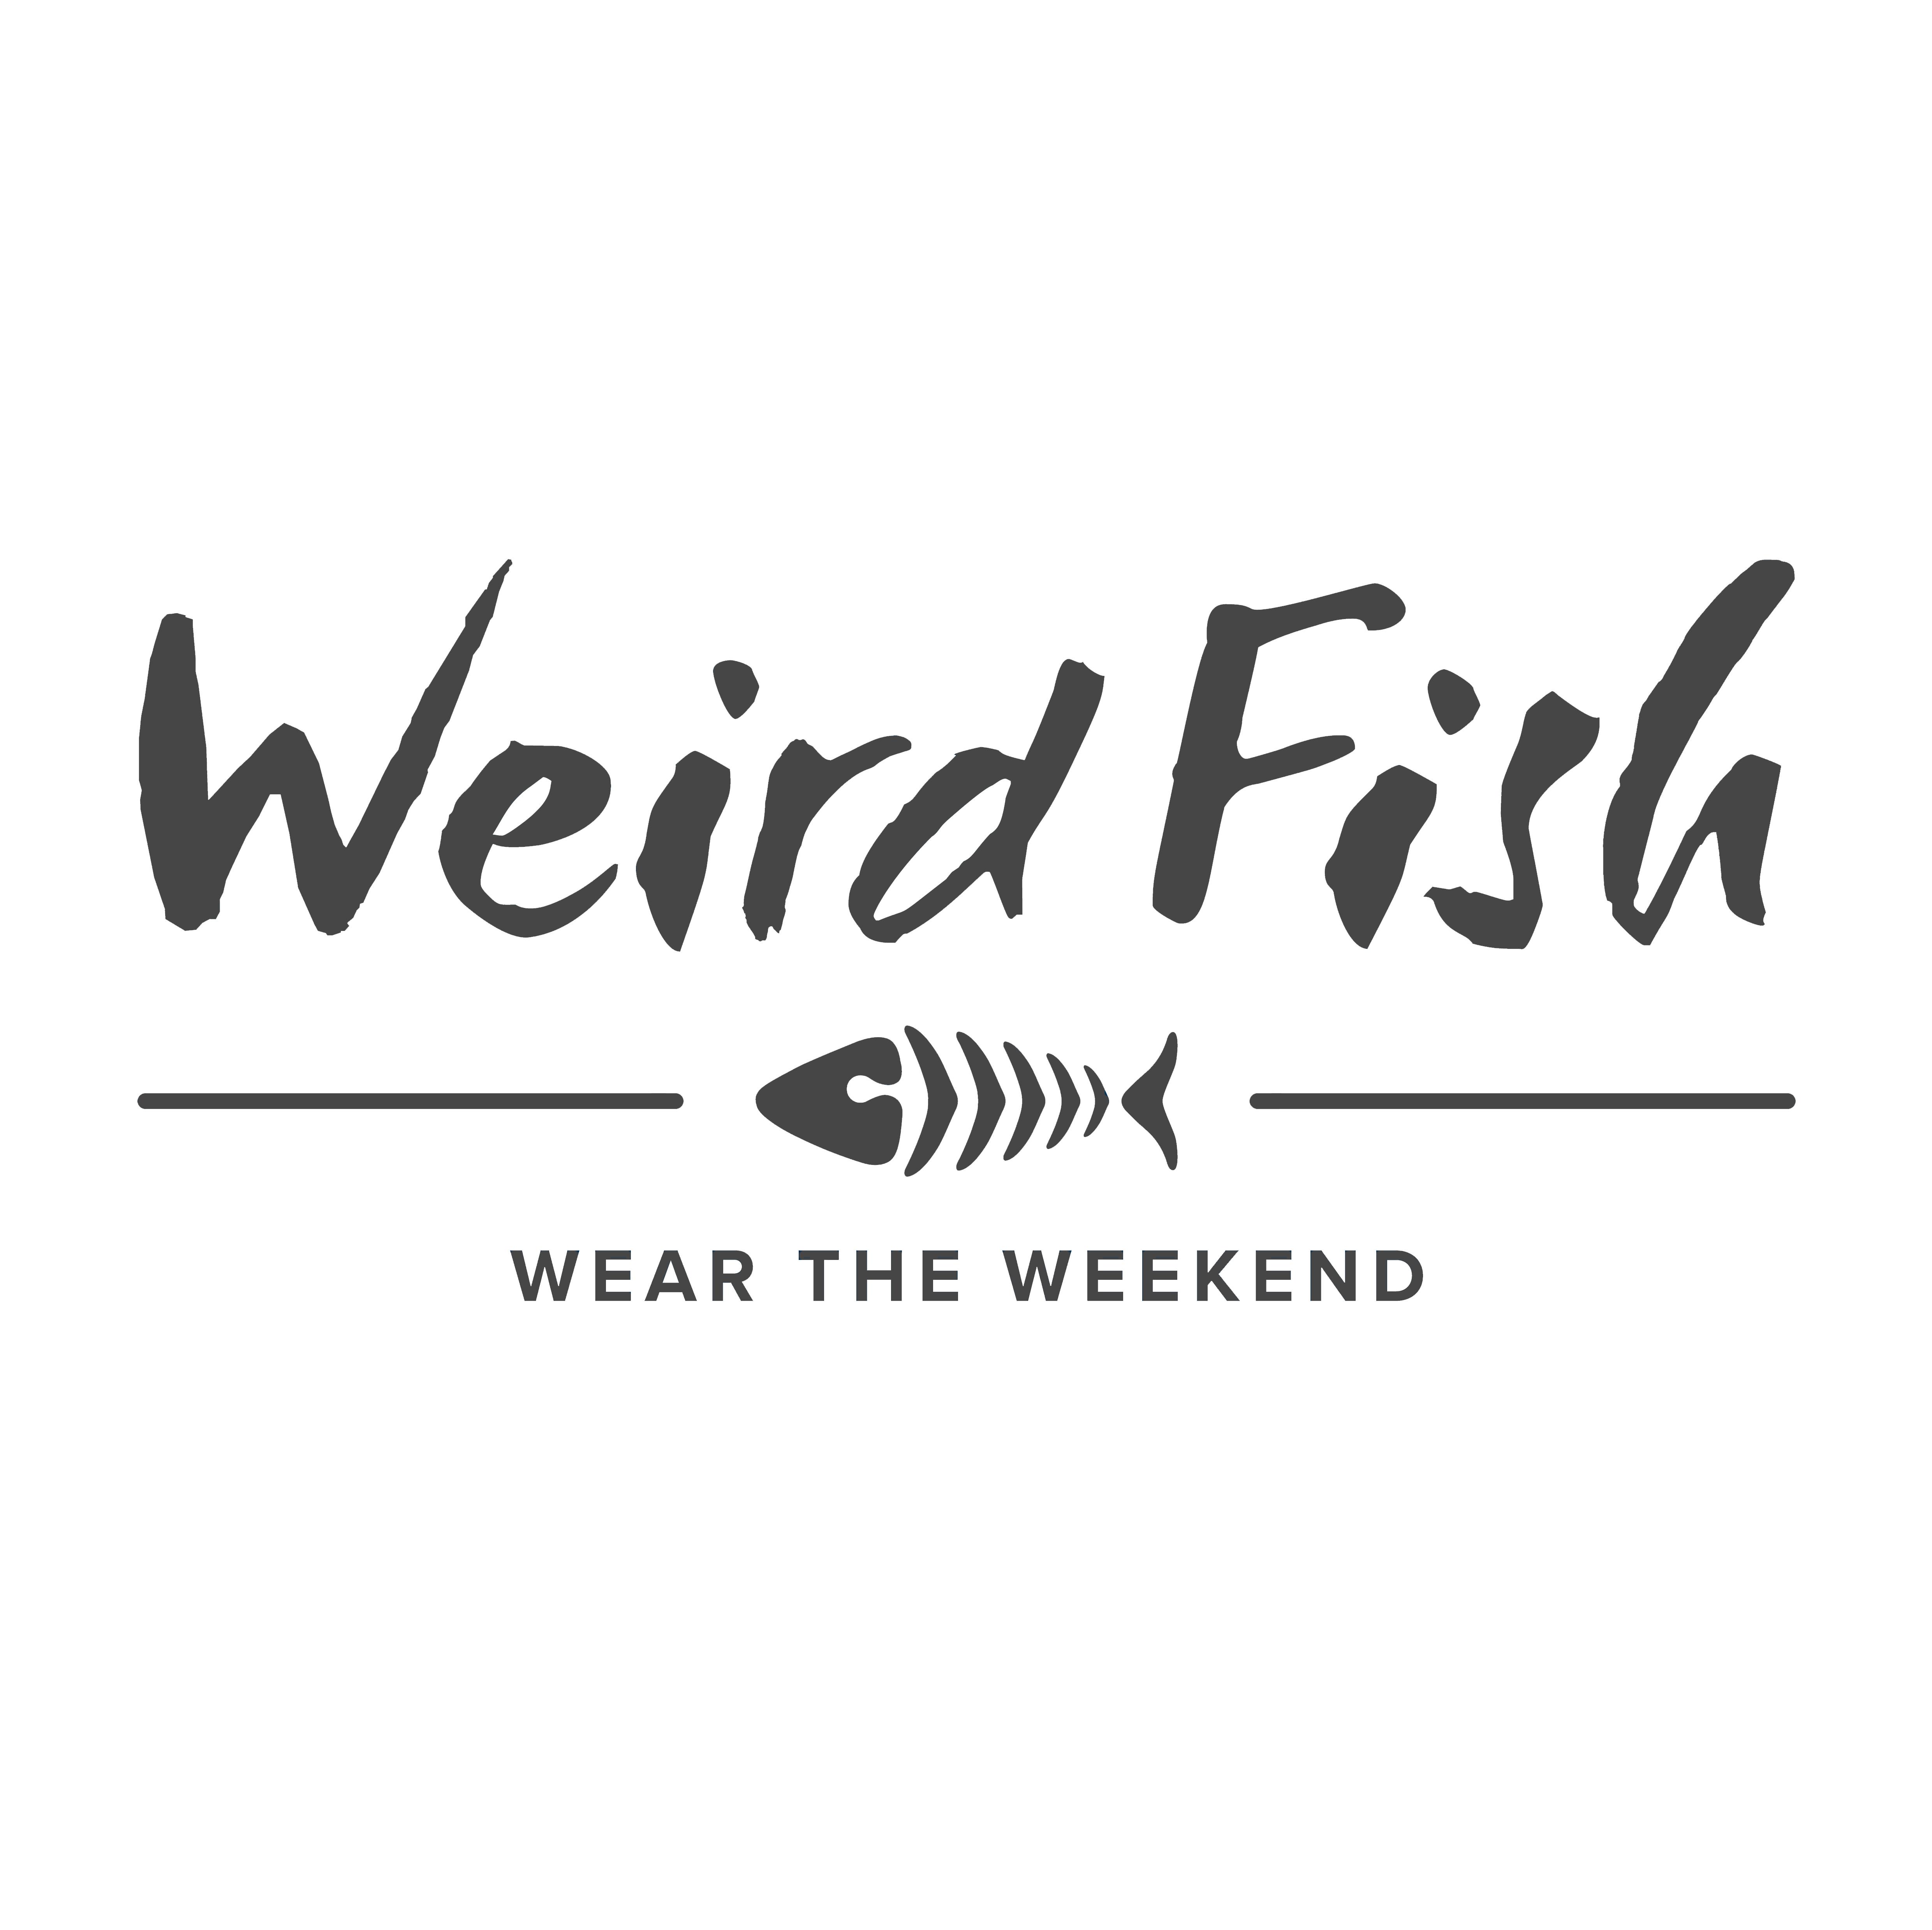 Weird Fish logo